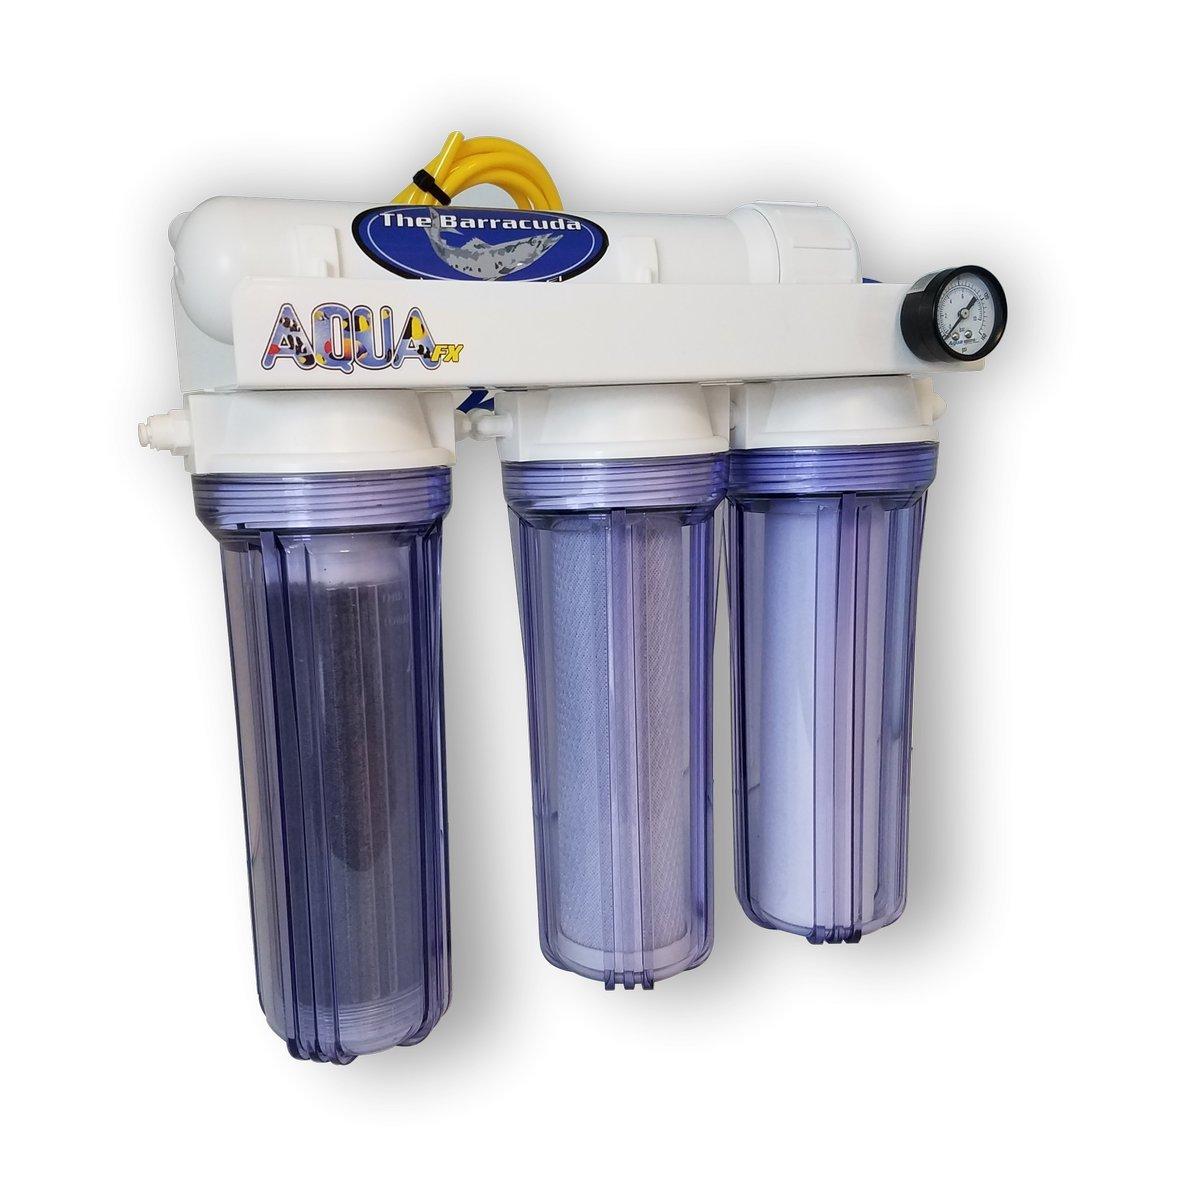 AquaFX Barracuda RO/DI Aquarium Filter, 100 GPD by AquaFX